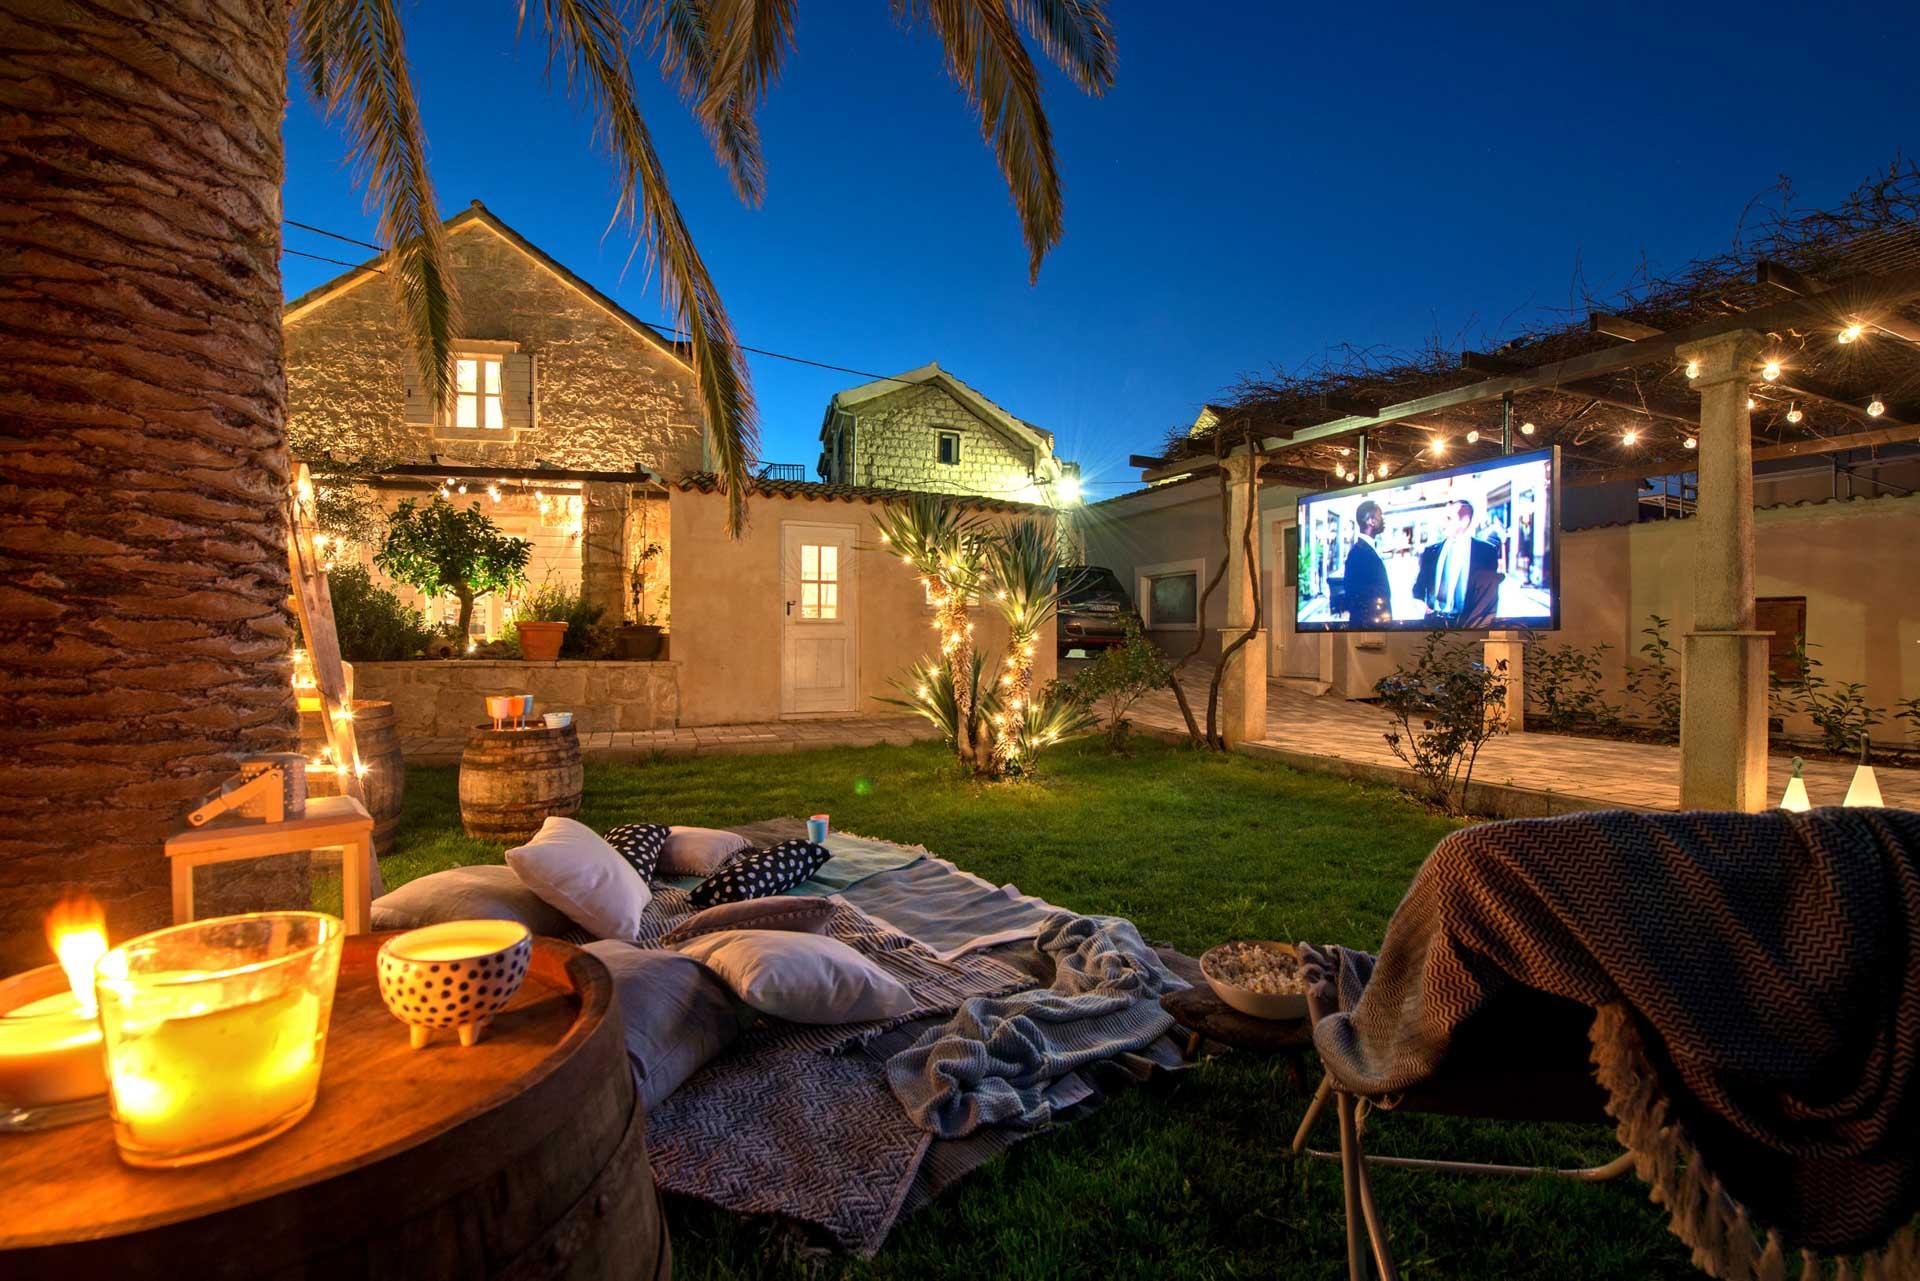 Vila za odmor s bazenom, vanjsko dvorište osvijetljeno sviječama sa televizijom